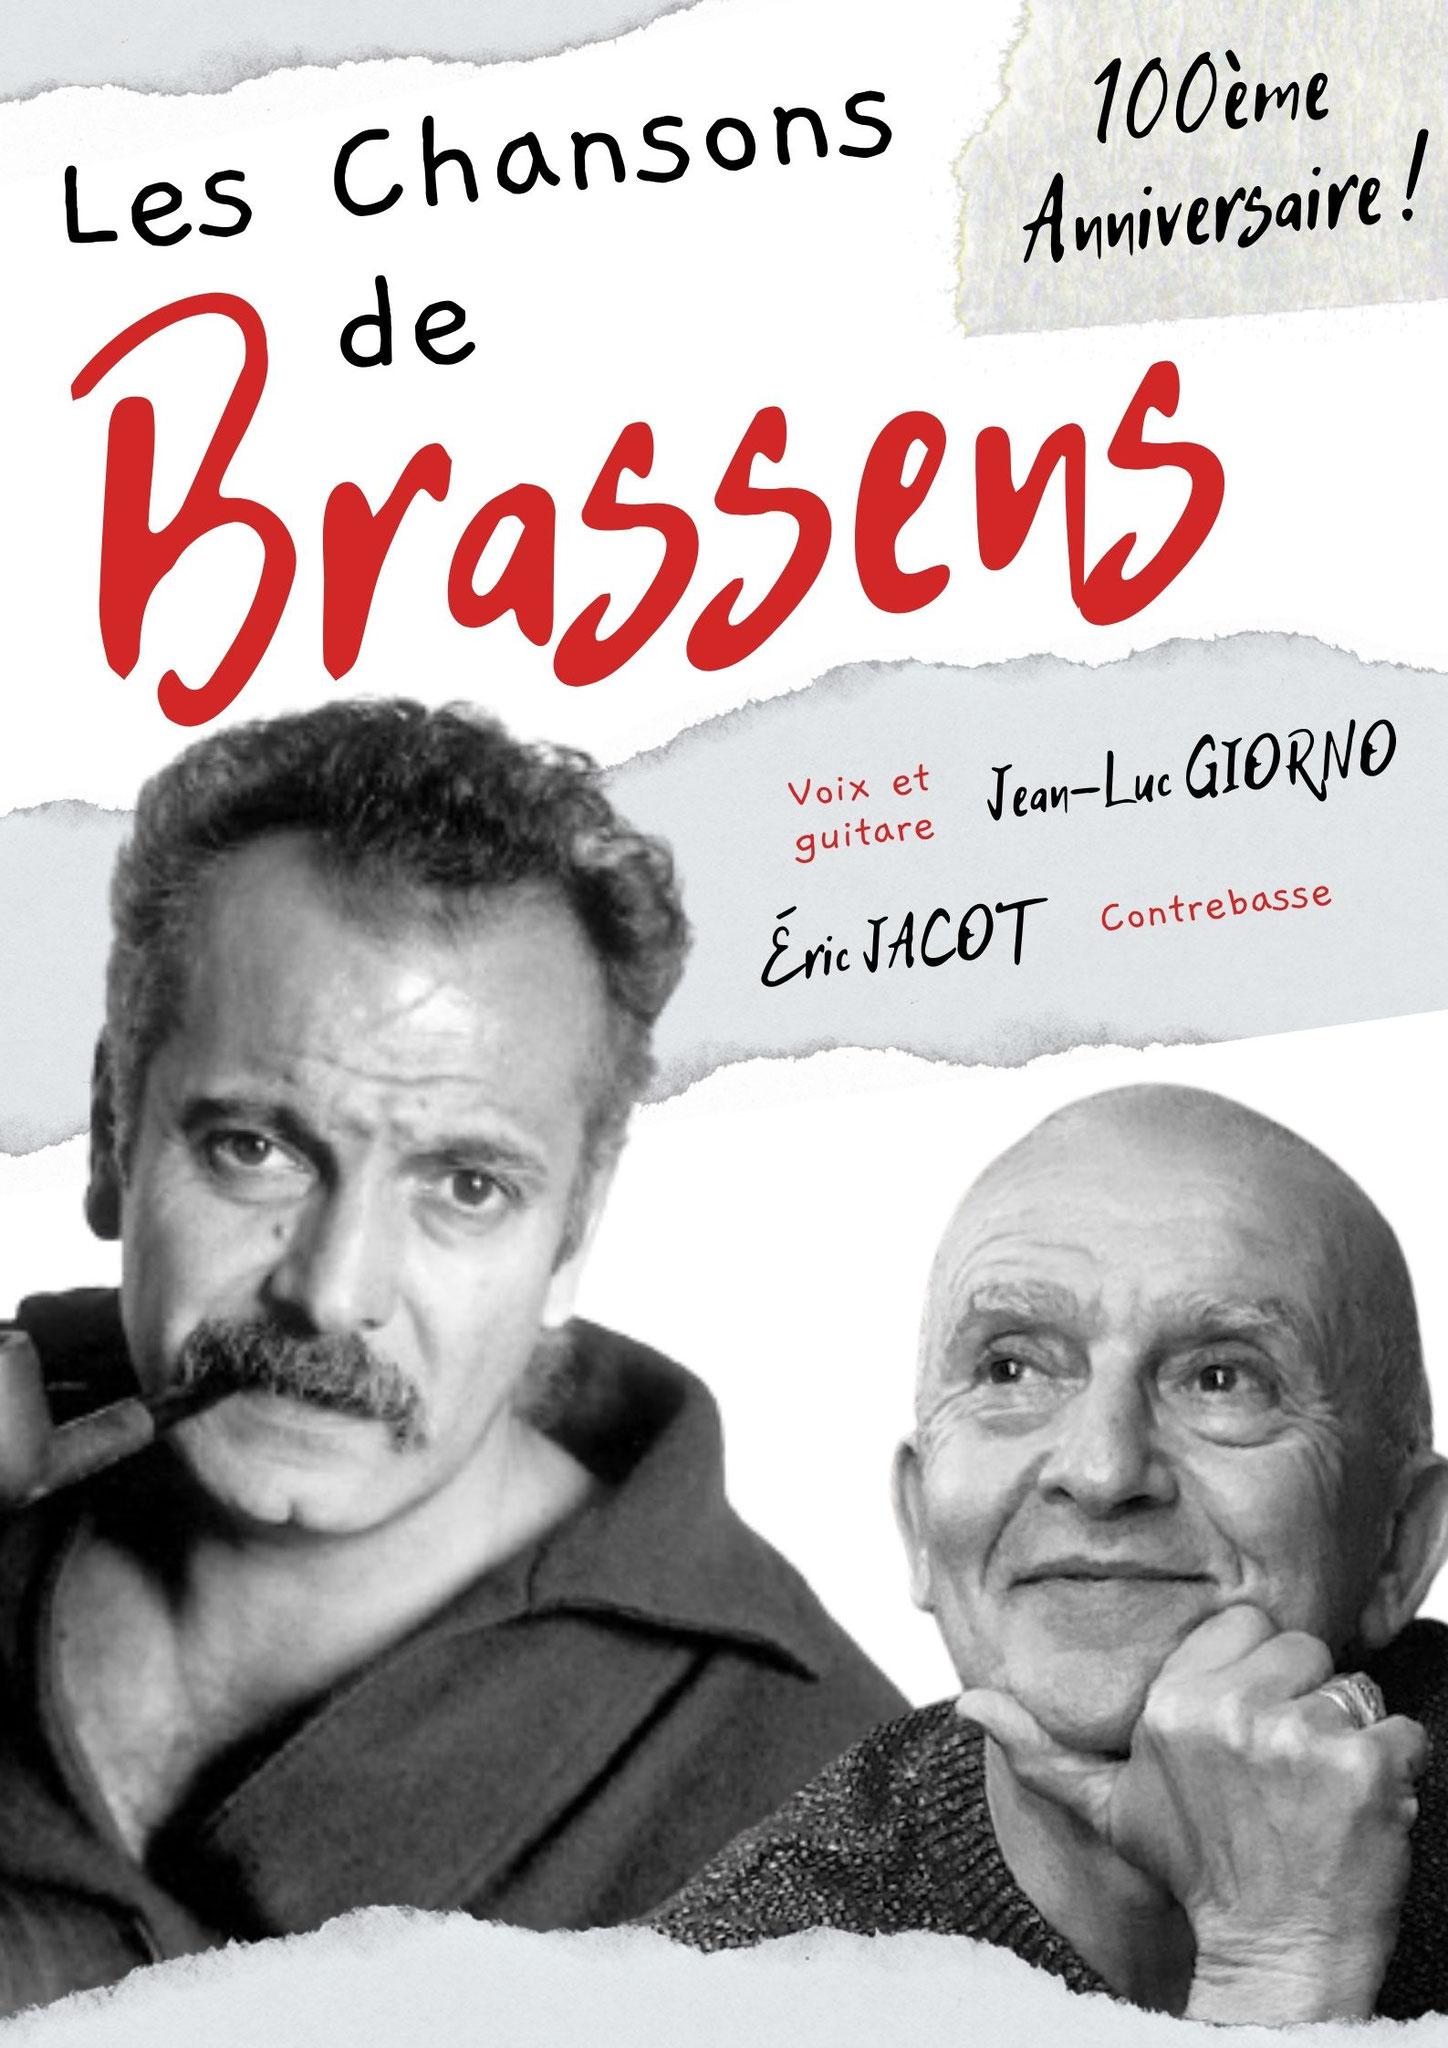 Concert: Les chansons de G. BRASSENS - Le 22 & 23 octobre